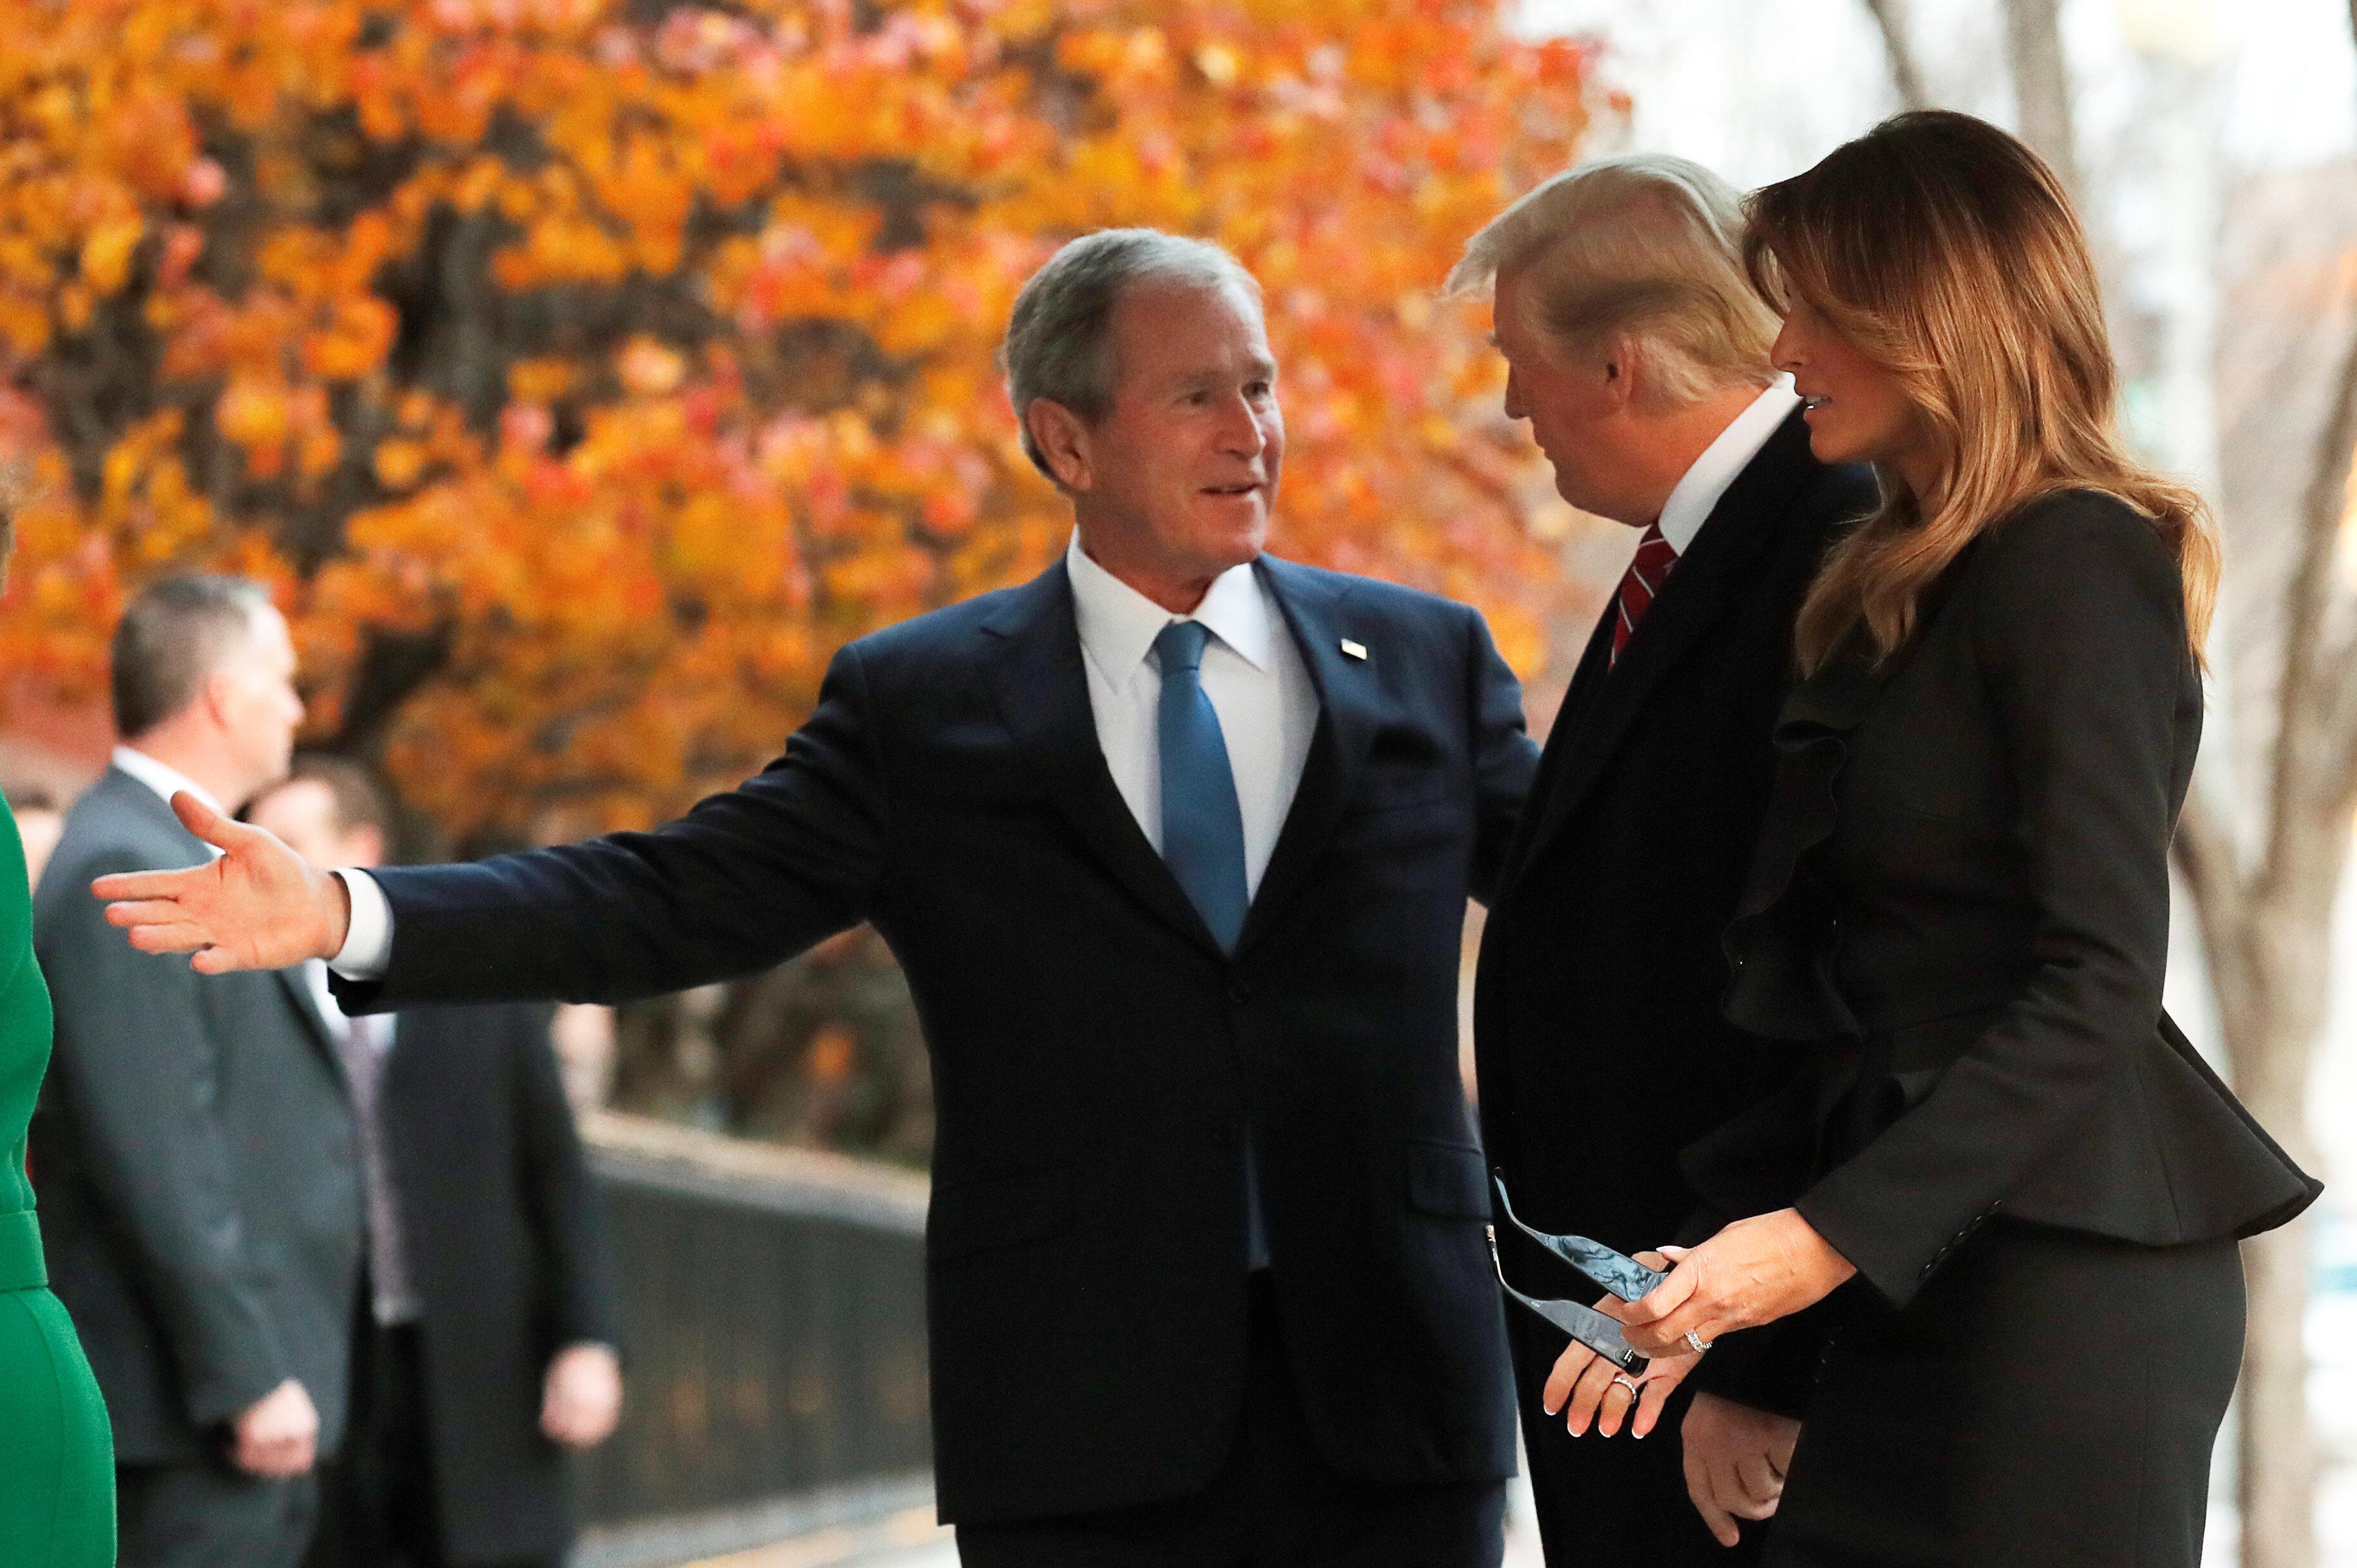 ترامب وميلانيا يزوران أسرة جورج بوش لتقديم التعازى